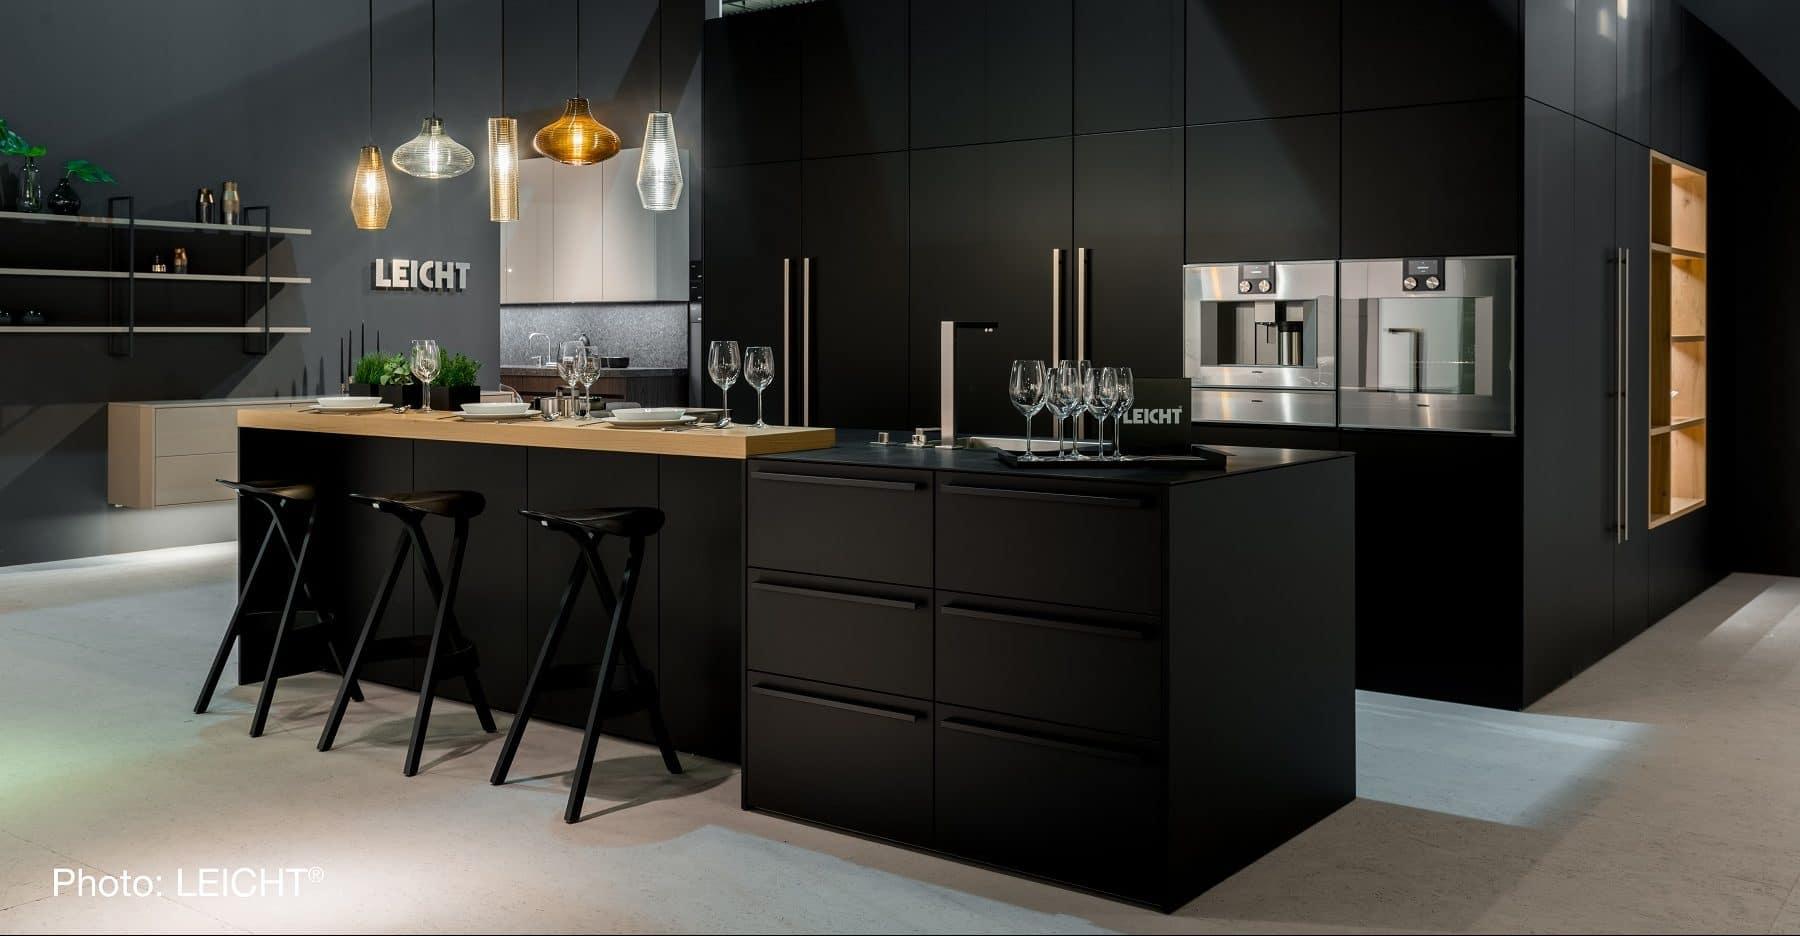 Großartig Küchendesign Mit Schwarz Geräte Zeitgenössisch - Küche Set ...